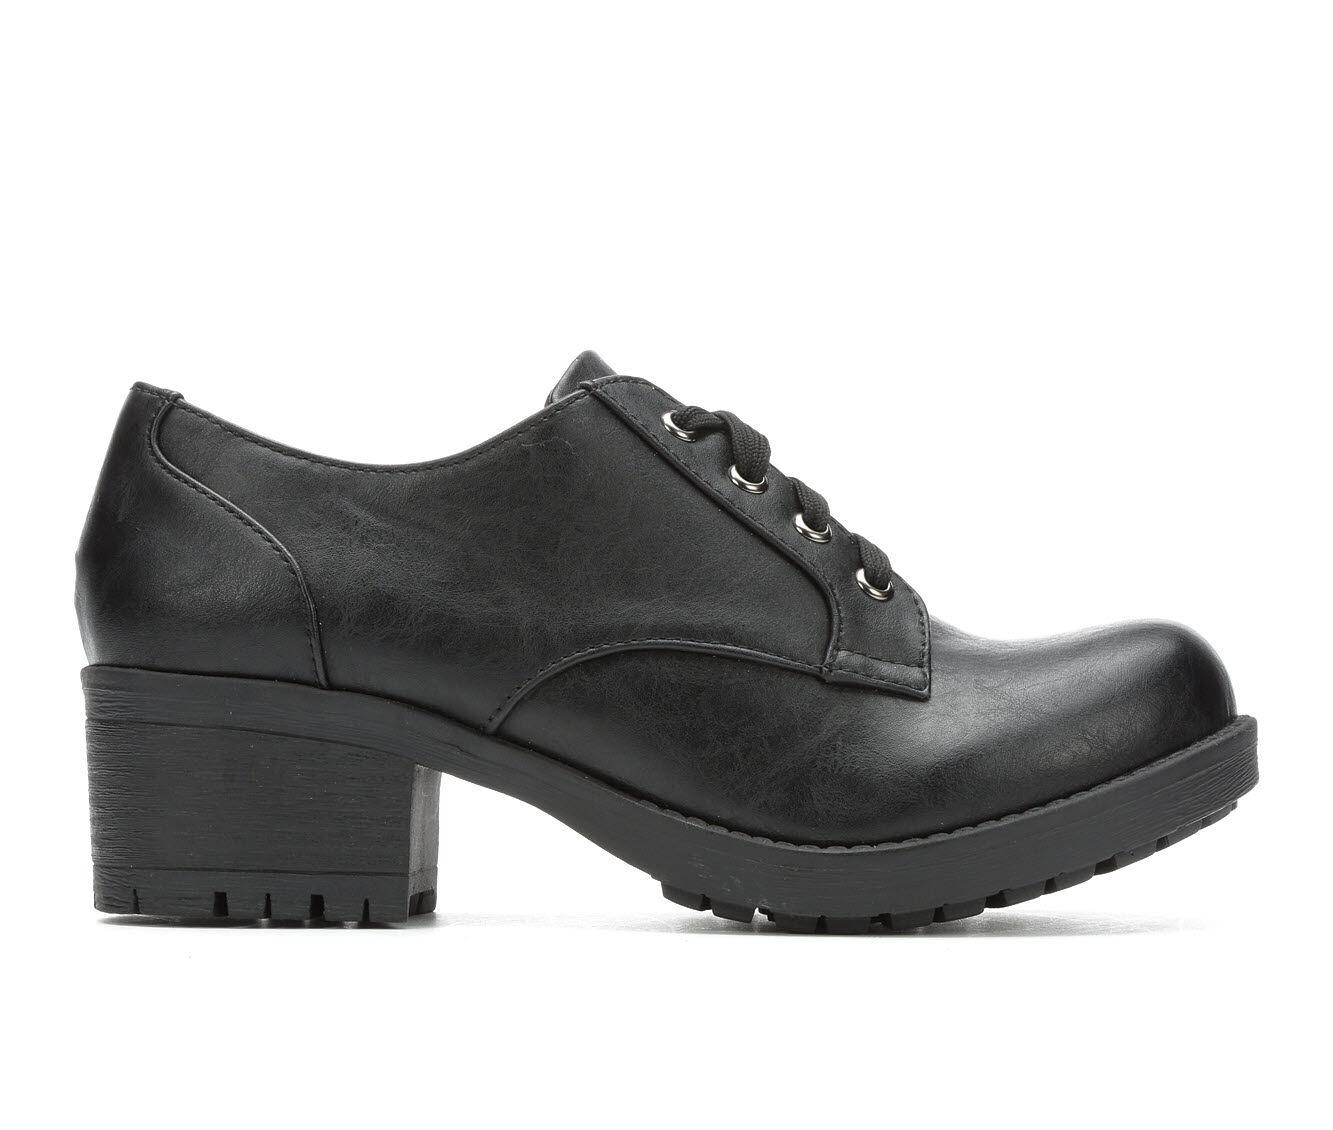 buy authentic new arrivals Women's Unr8ed Pixie Shoes Black